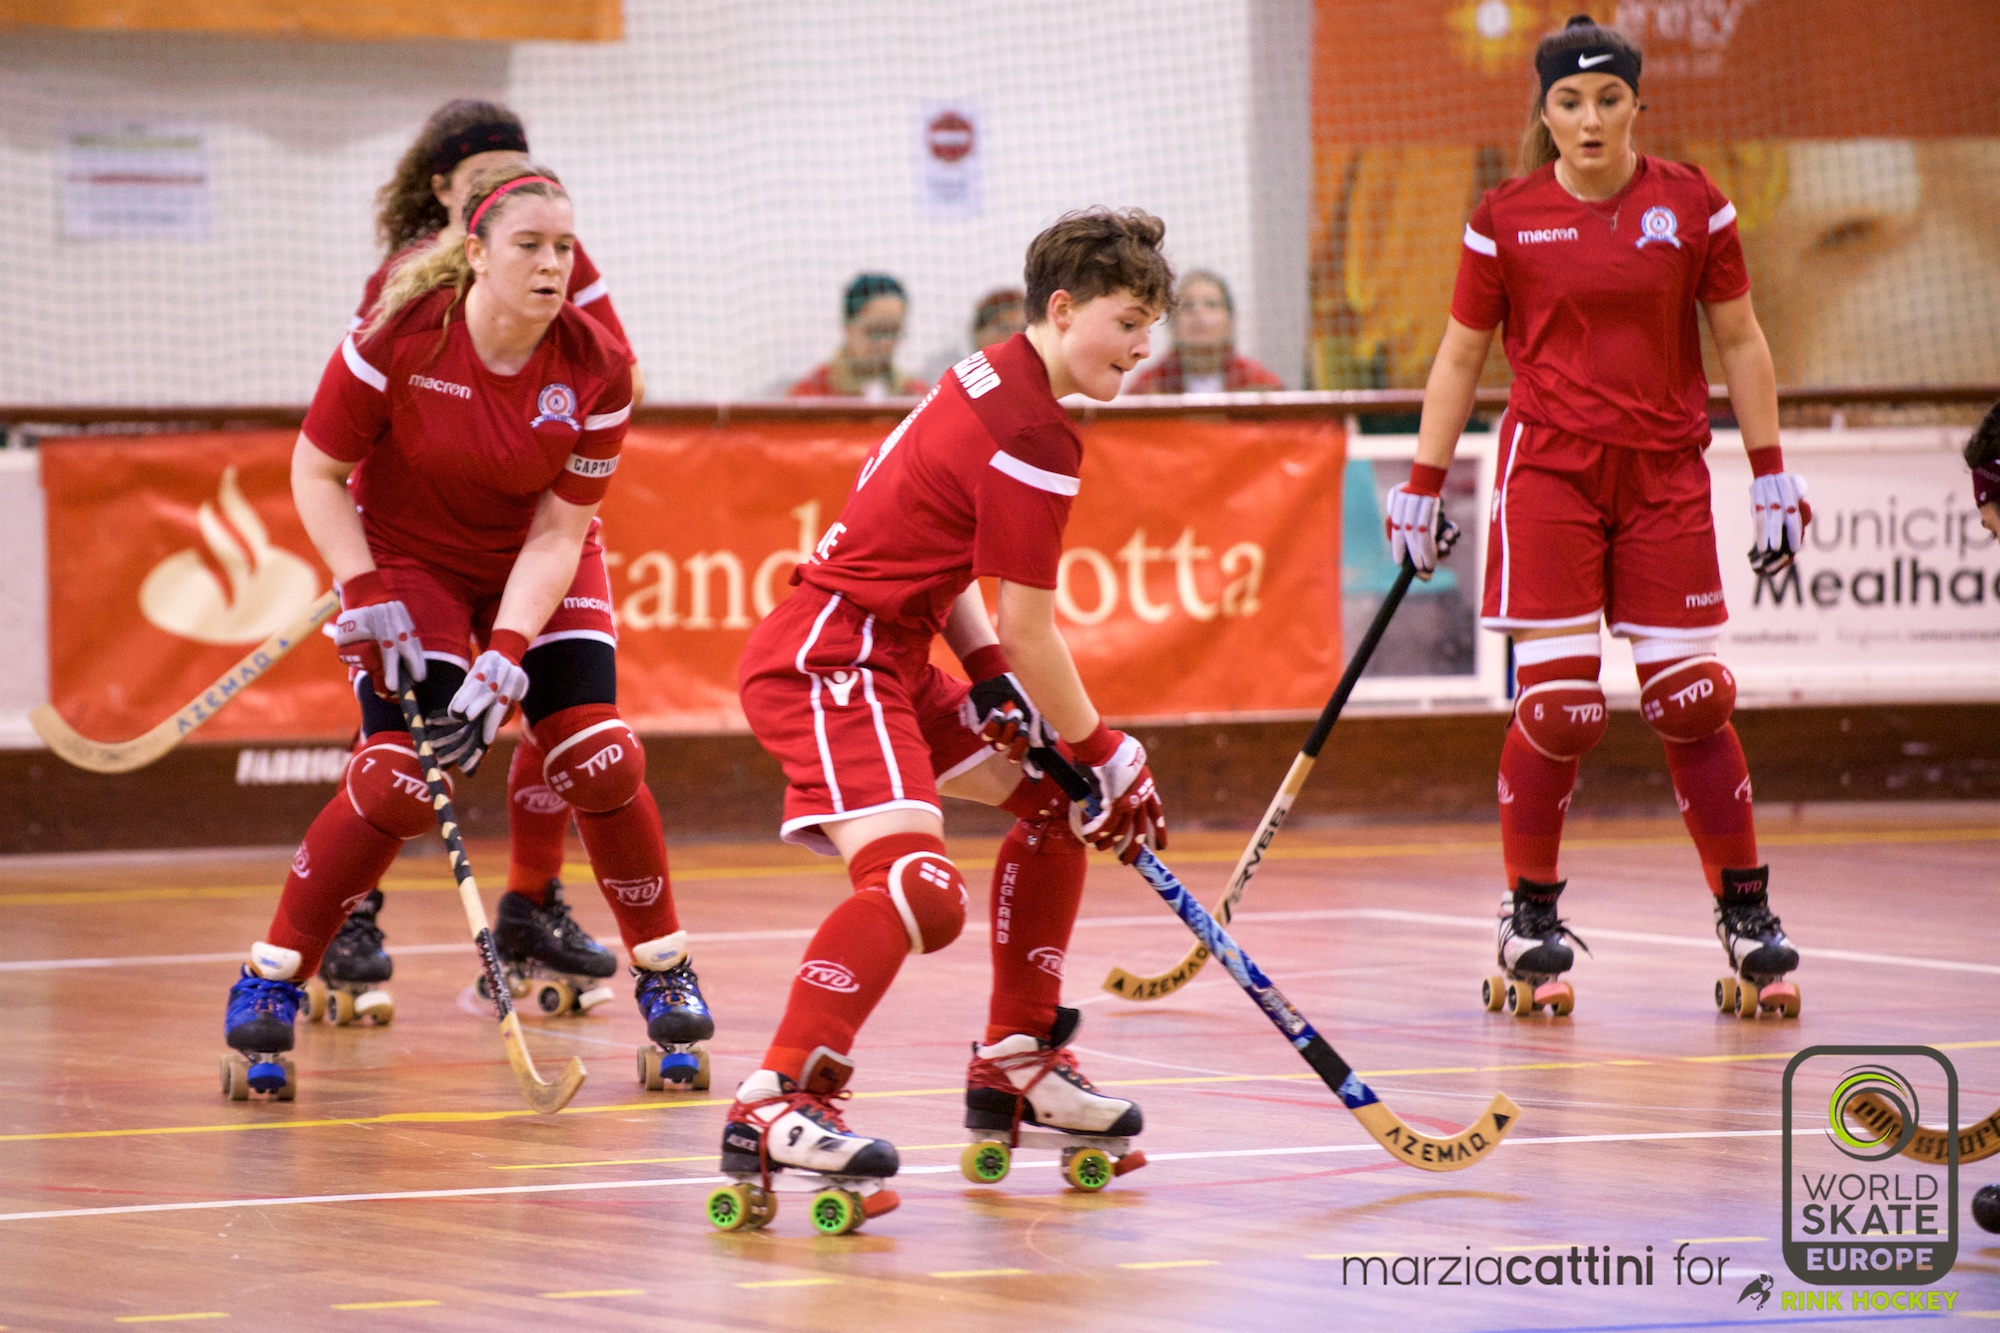 18-10-11_1-England-Italy17